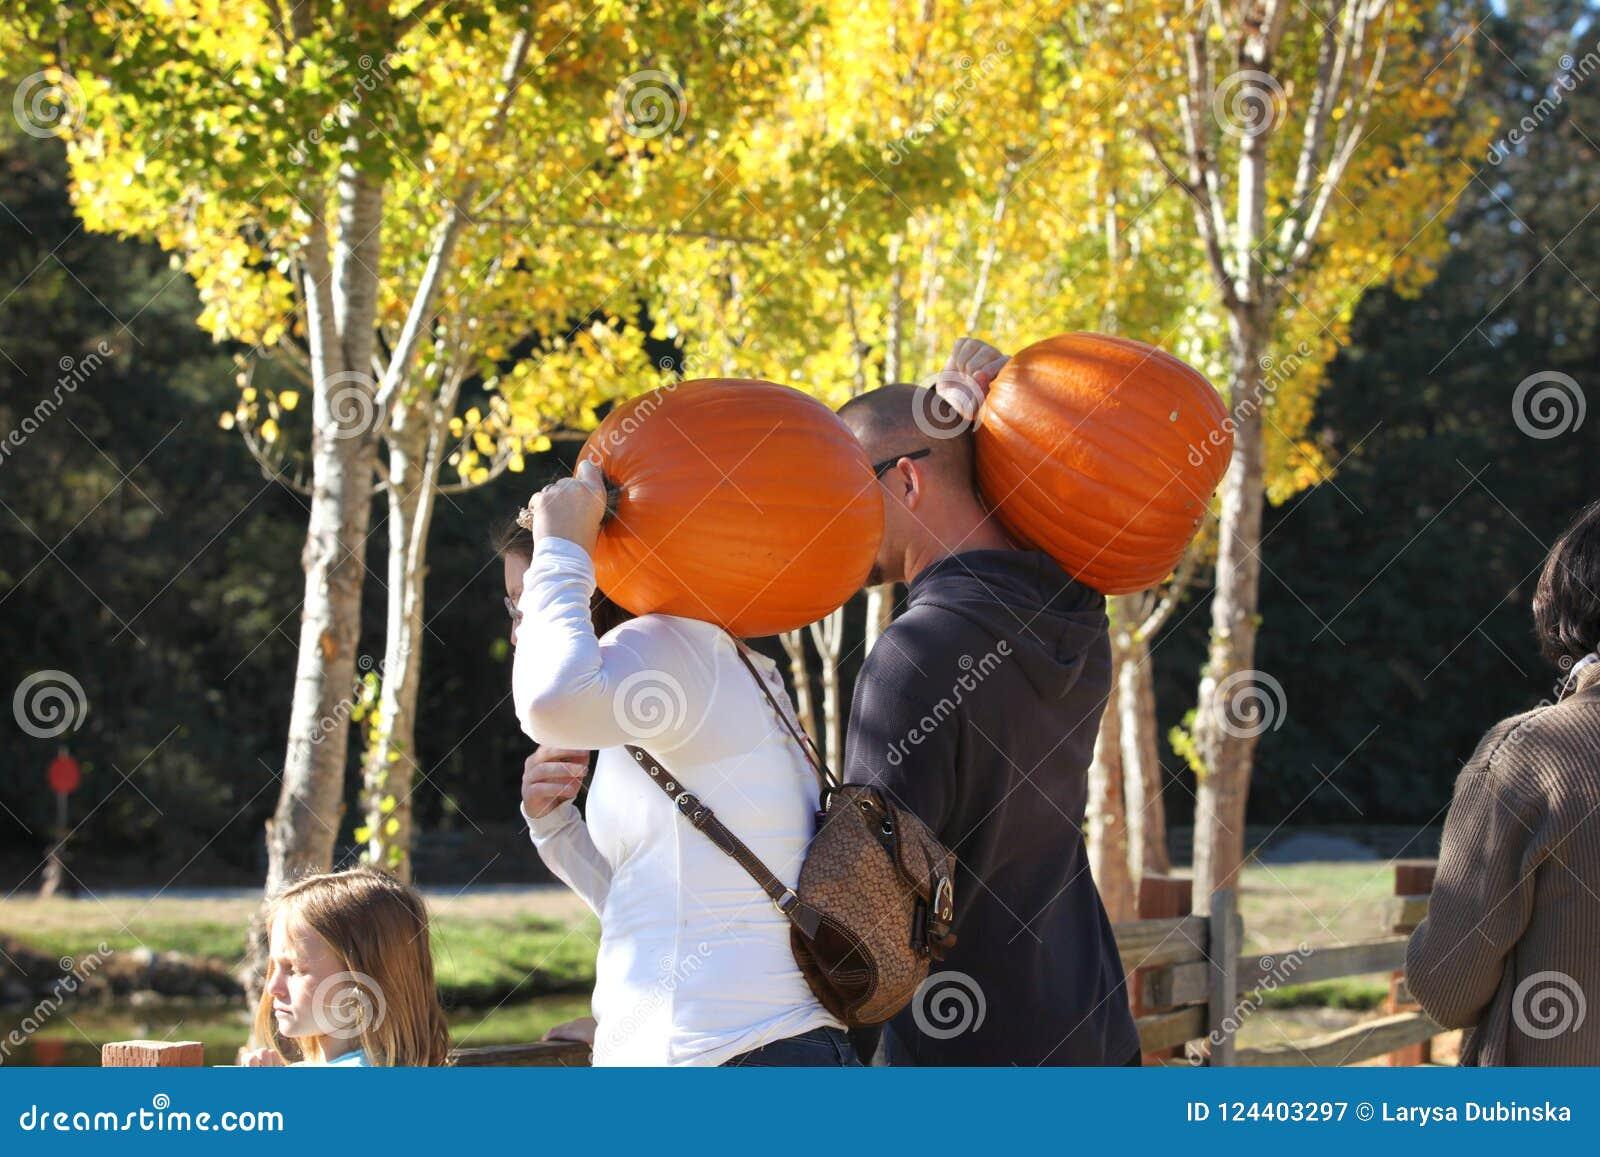 Καλιφόρνια ΗΠΑ Οκτωβρίου 2012 Μια νέα οικογένεια με τις κολοκύθες στους ώμους τους πηγαίνει να γιορτάσει αποκριές